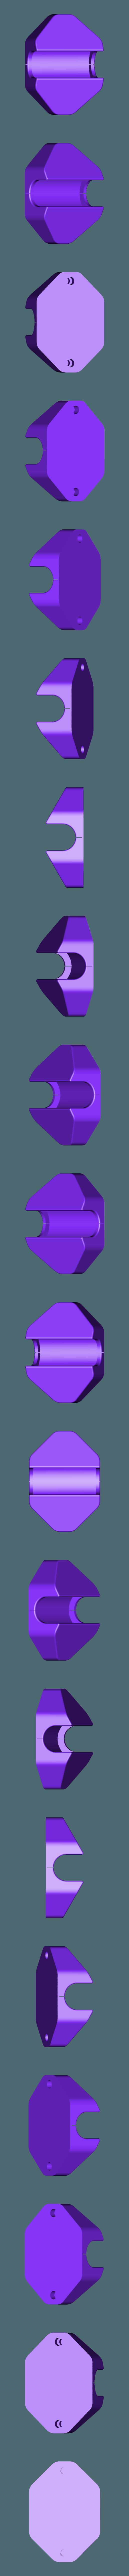 Bearing_Mount_v1-0_NUT.STL Télécharger fichier STL gratuit LM8UUU Support de palier • Modèle à imprimer en 3D, WalterHsiao